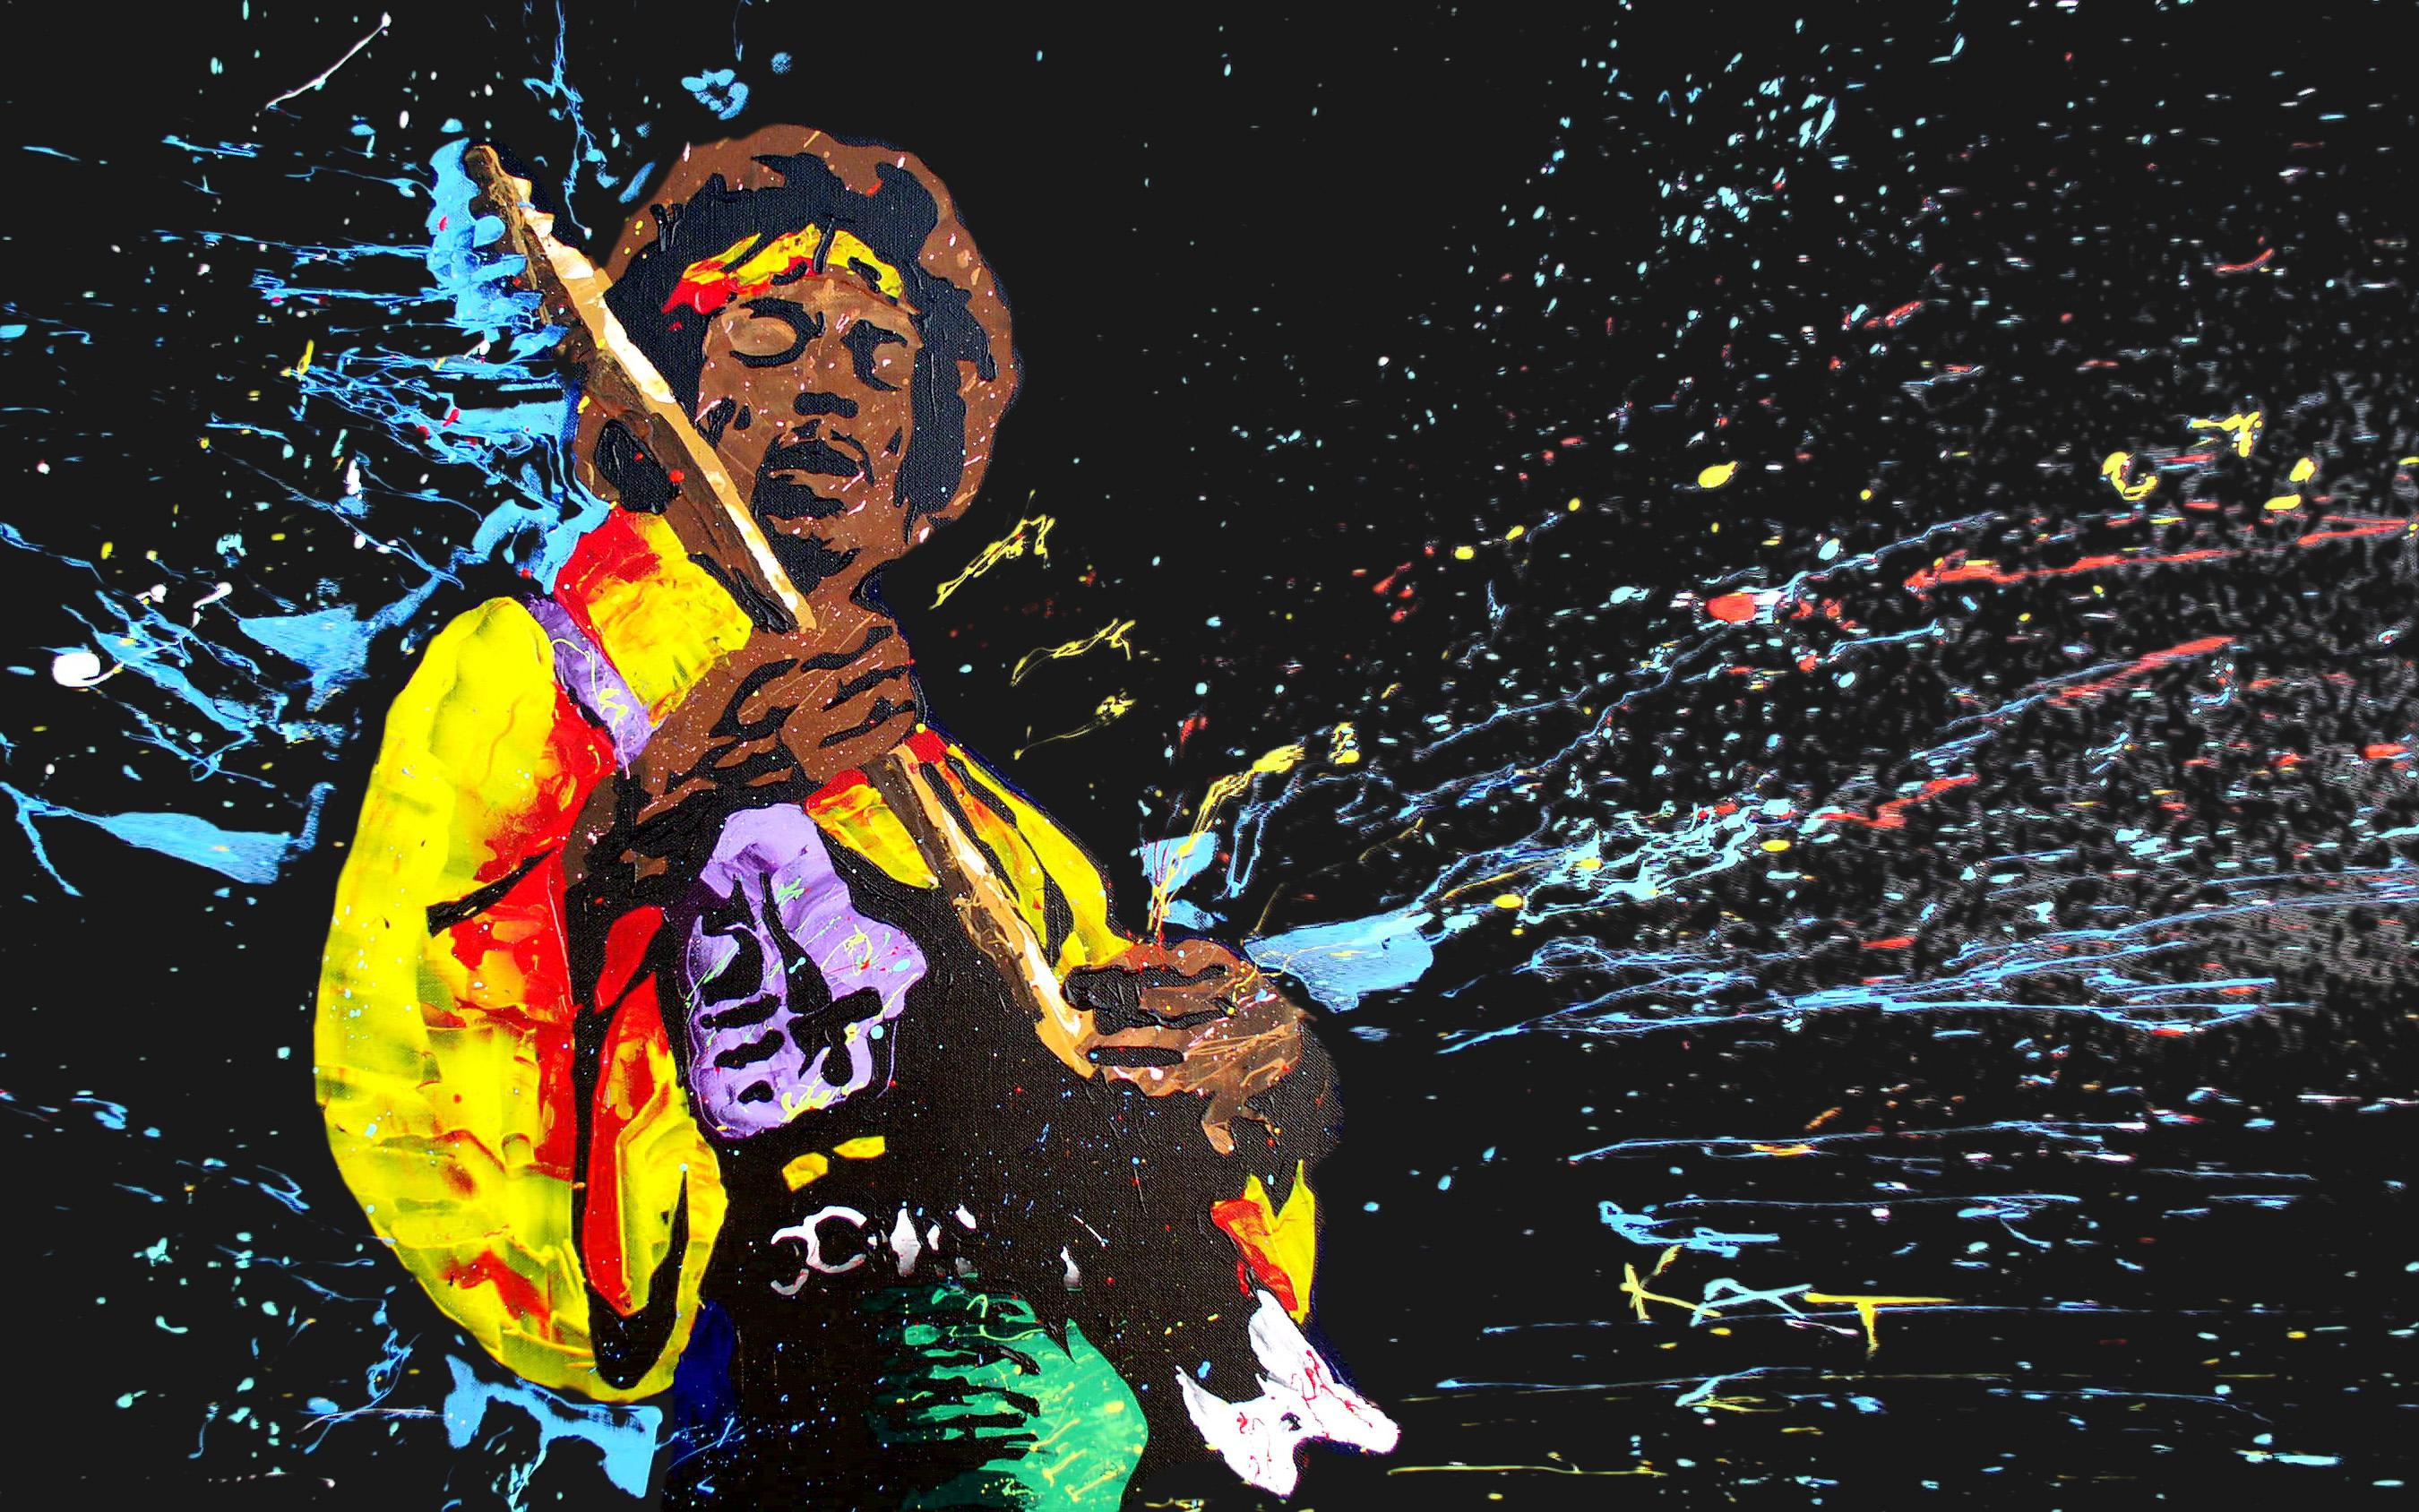 Jimi Hendrix Trippy Wallpaper